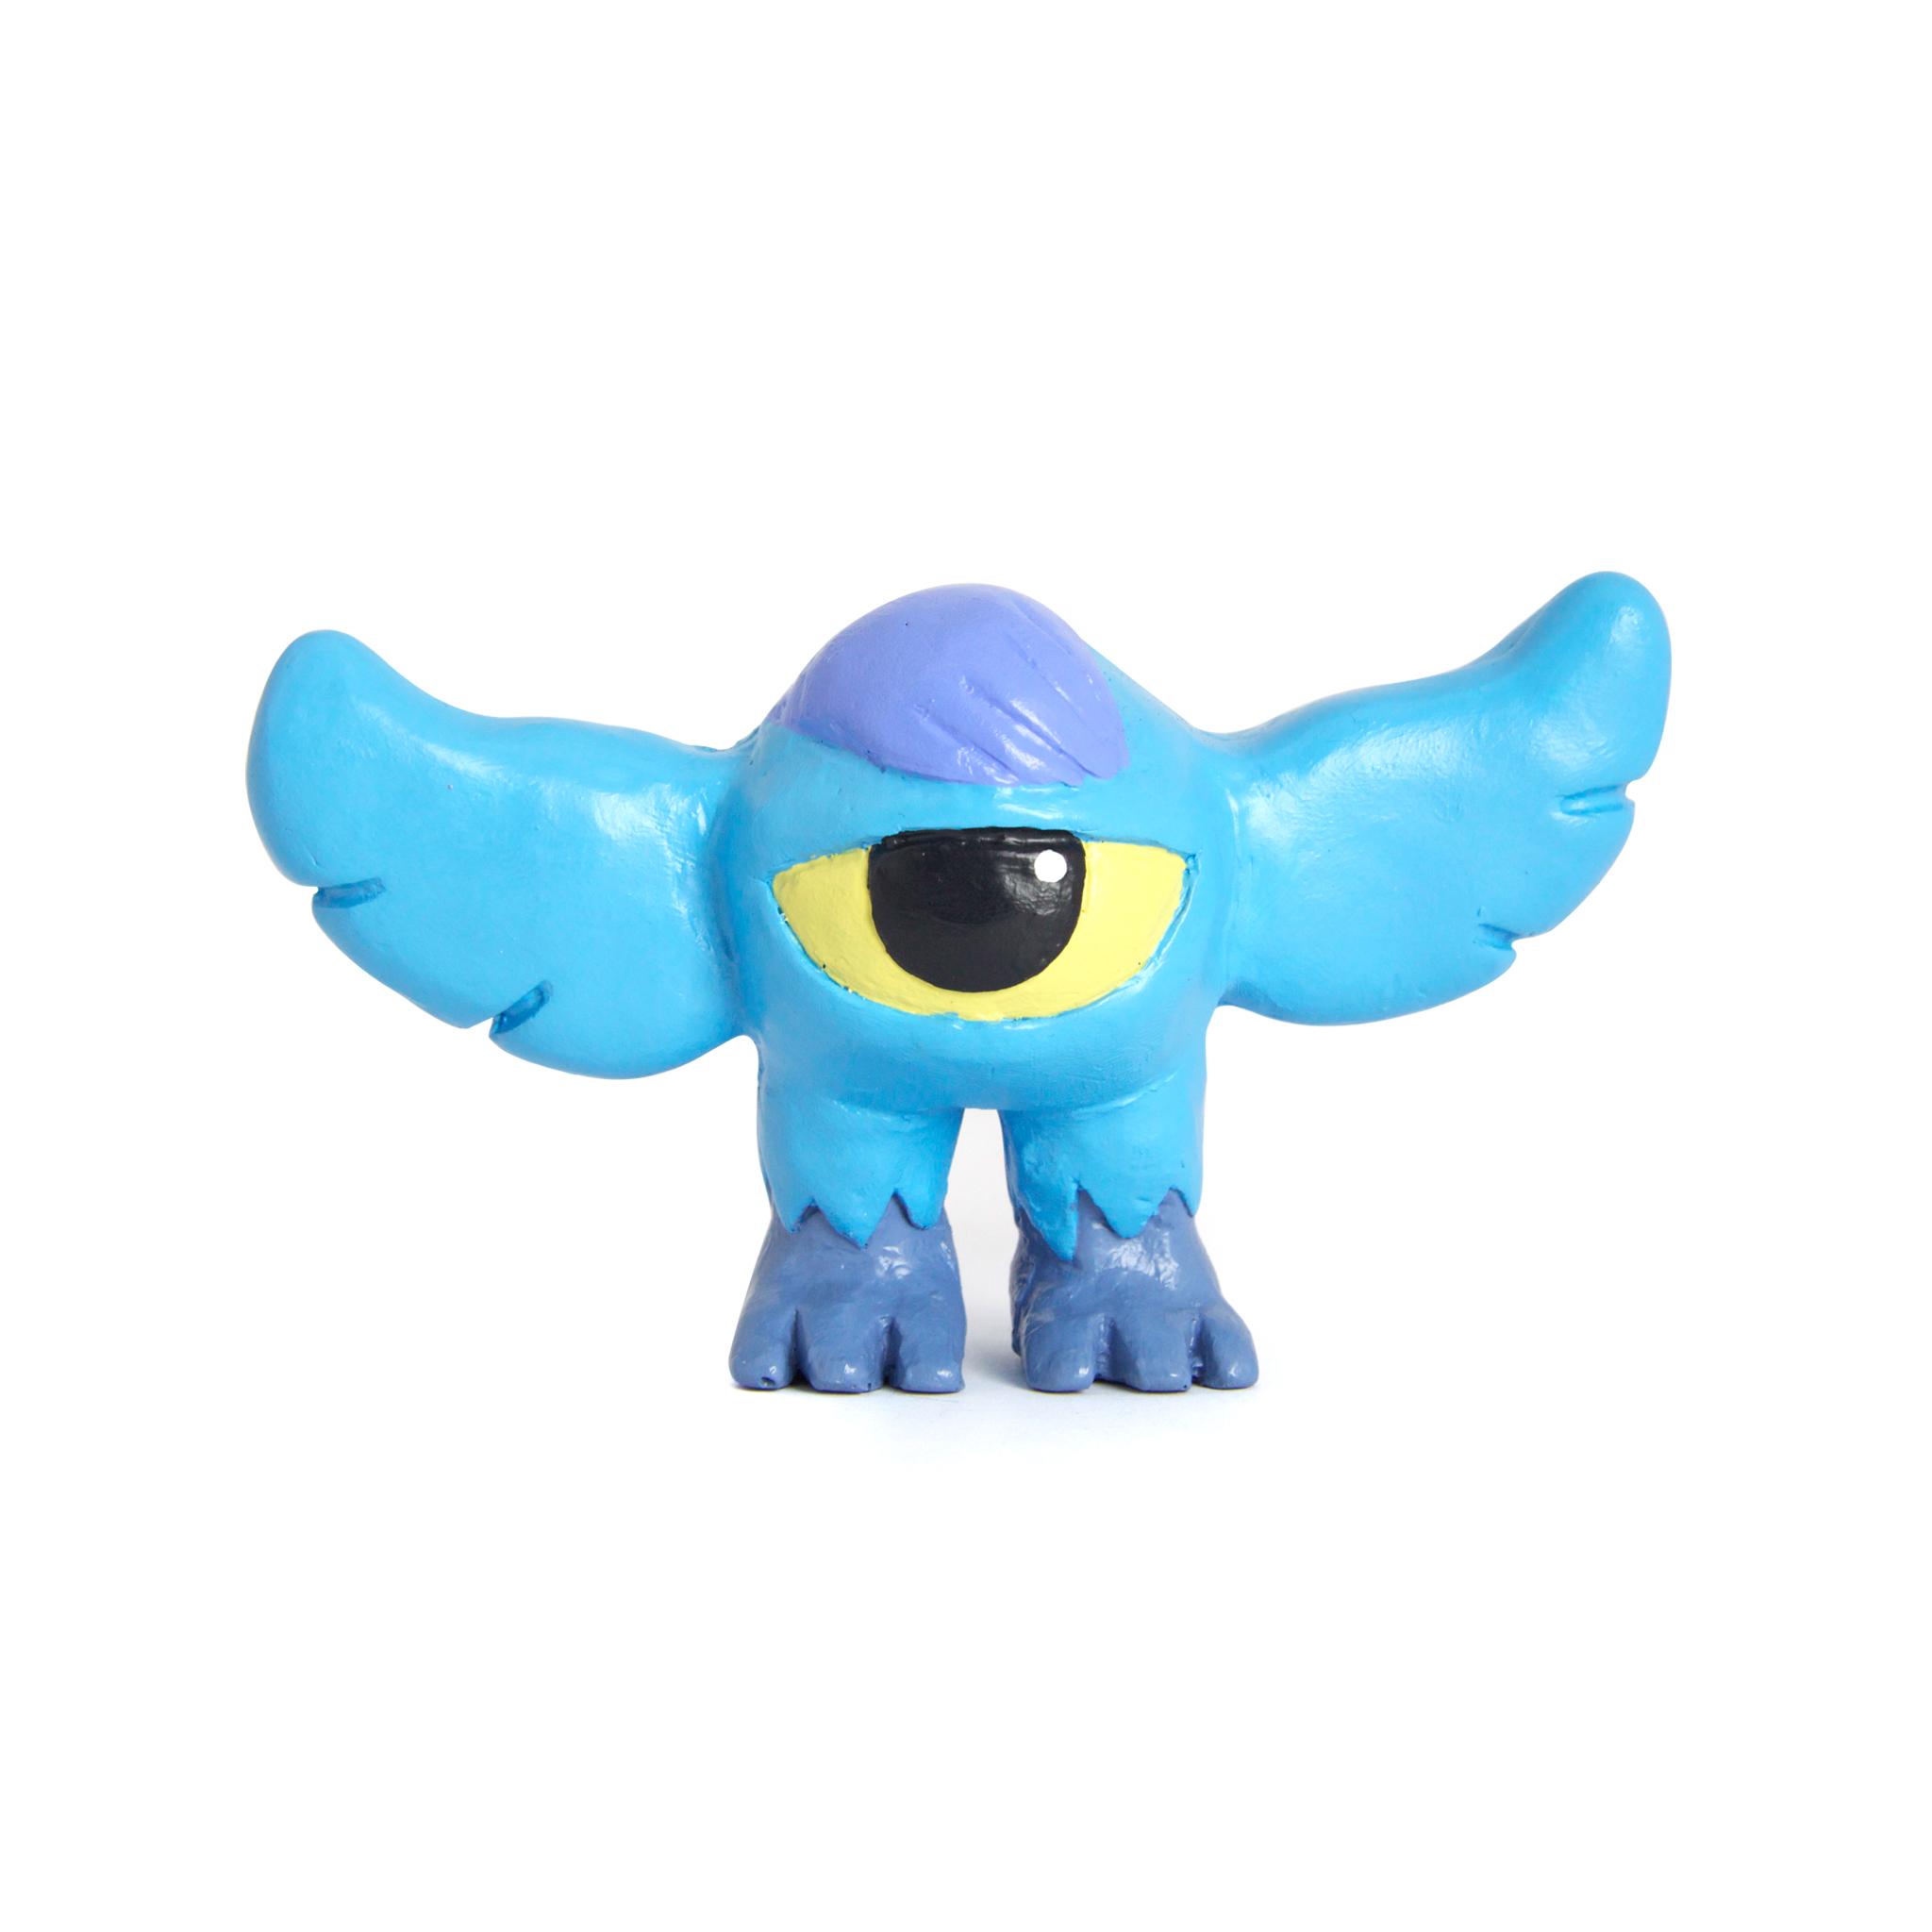 Eyebird Sculpture